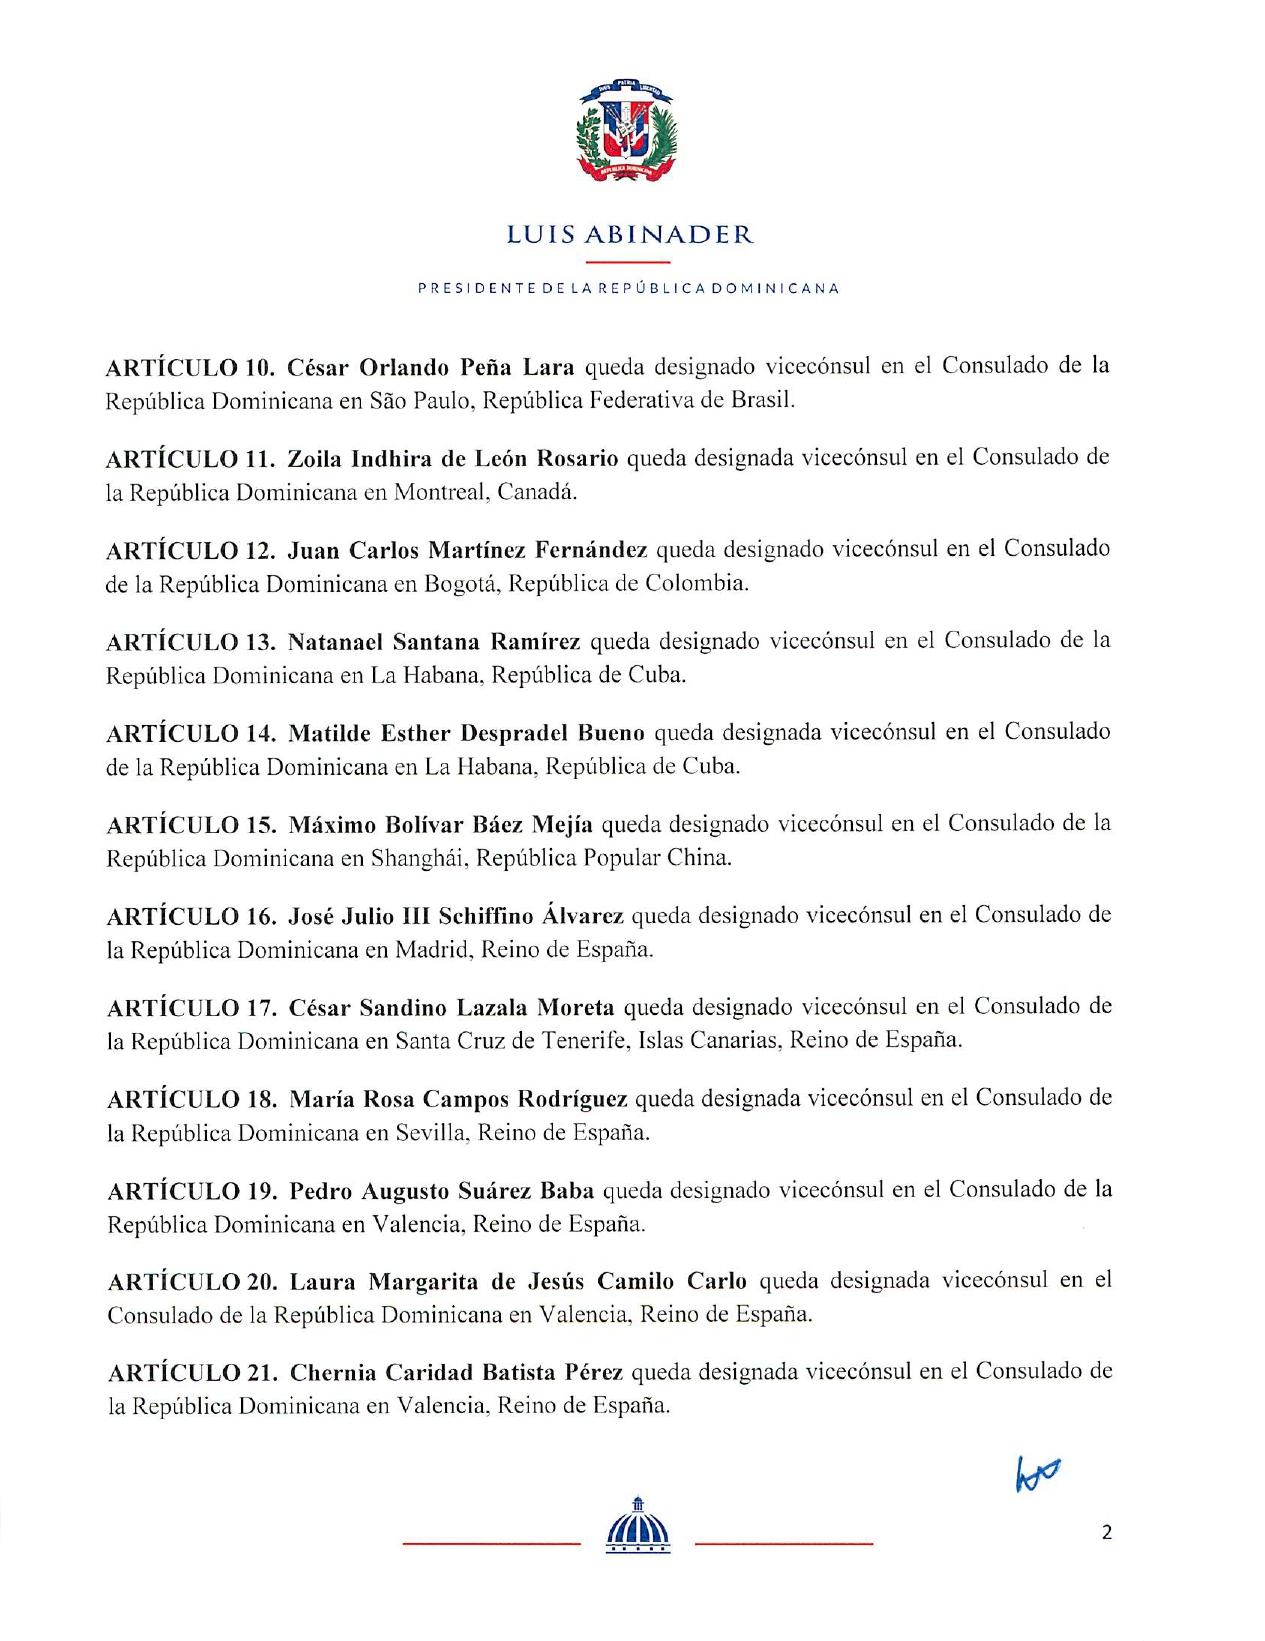 decreto 599-20